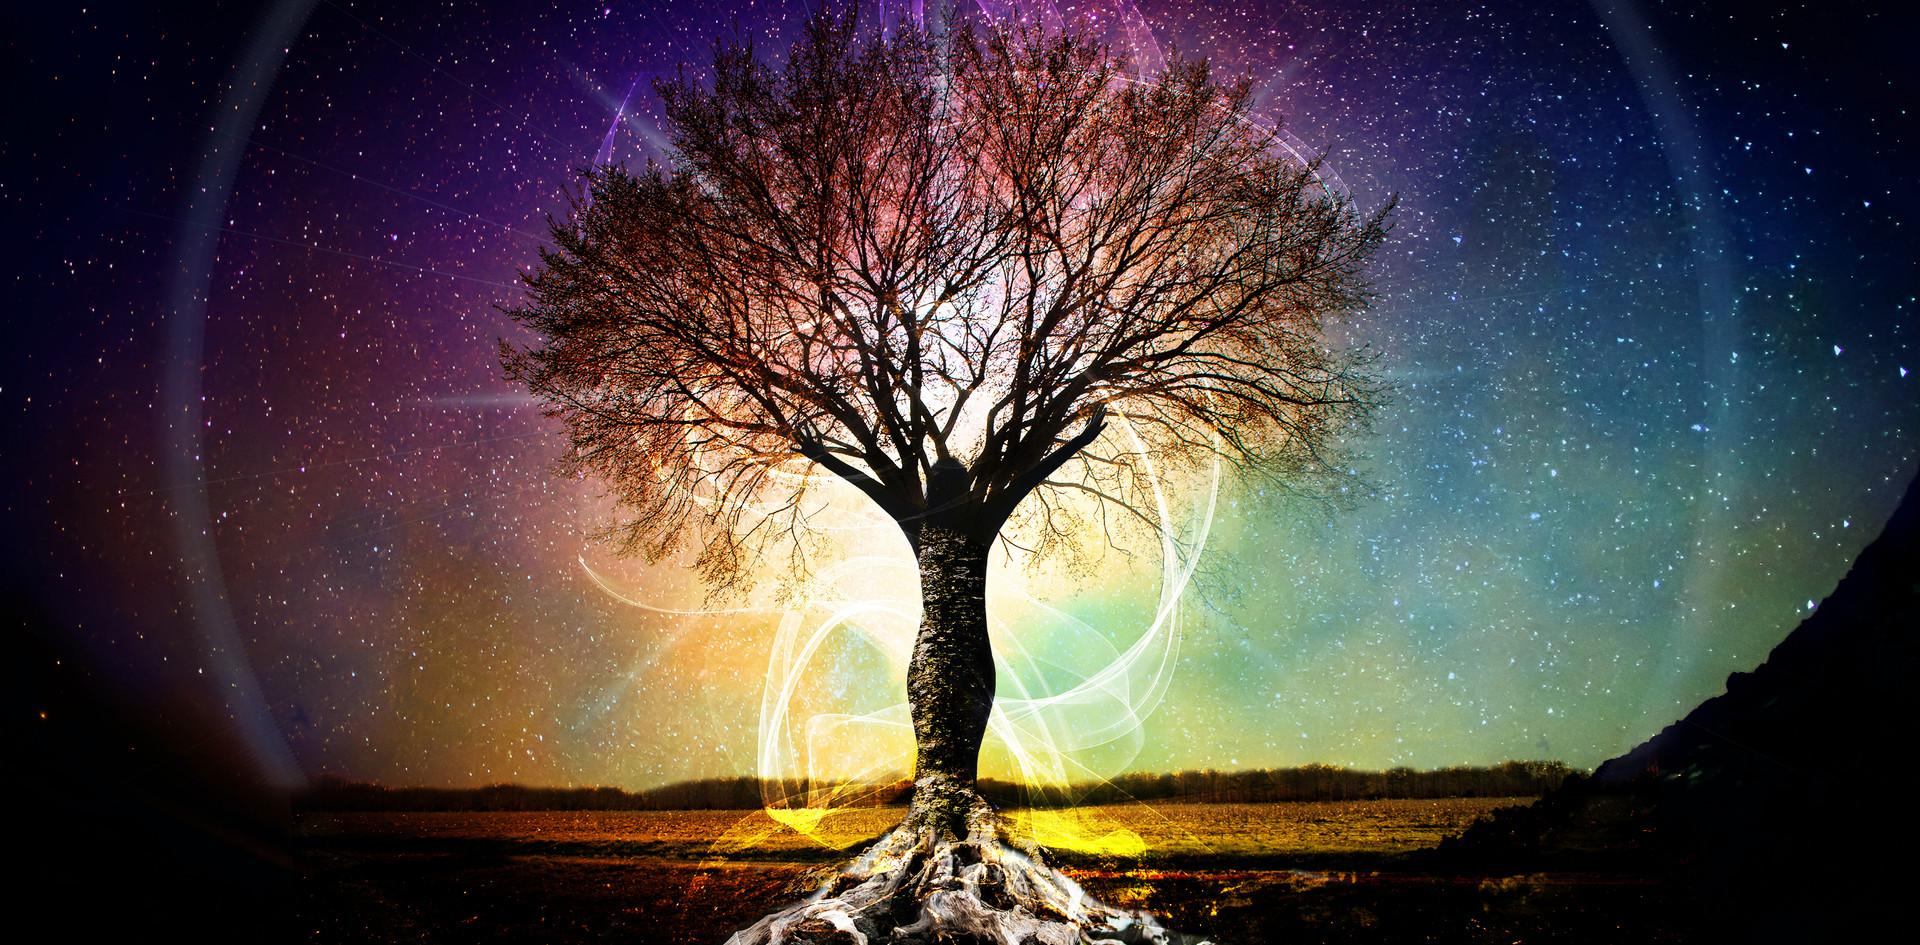 Infinite You Tree